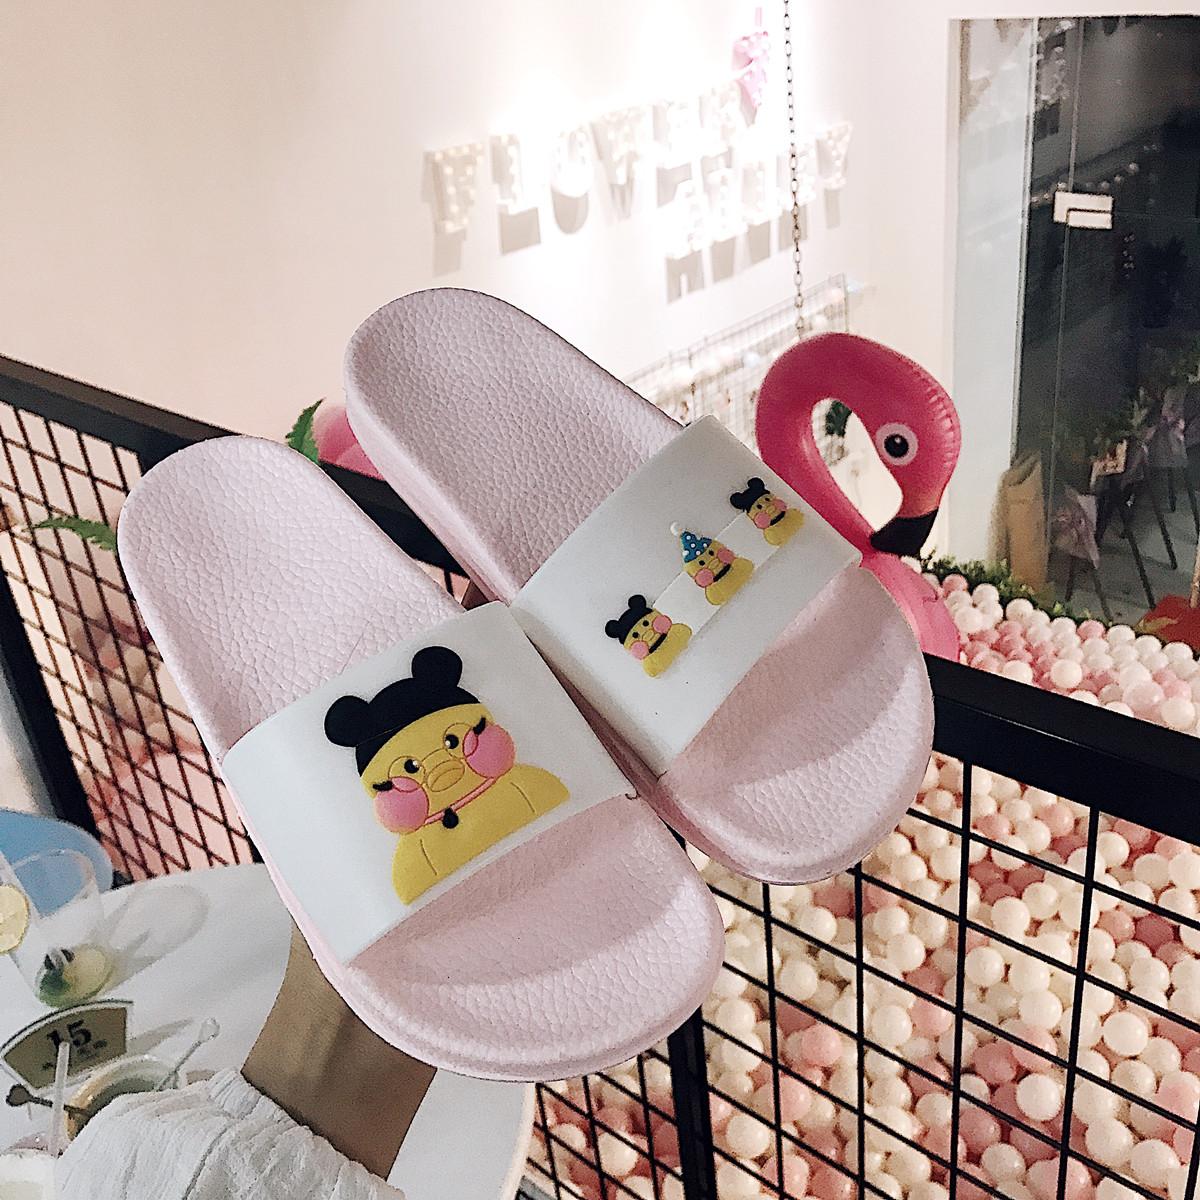 Hàn Quốc mới của nhà phim hoạt hình dễ thương hyaluronic axit vịt trong nhà và ngoài trời dép của phụ nữ sinh viên tắm non-slip dép đi trong nhà